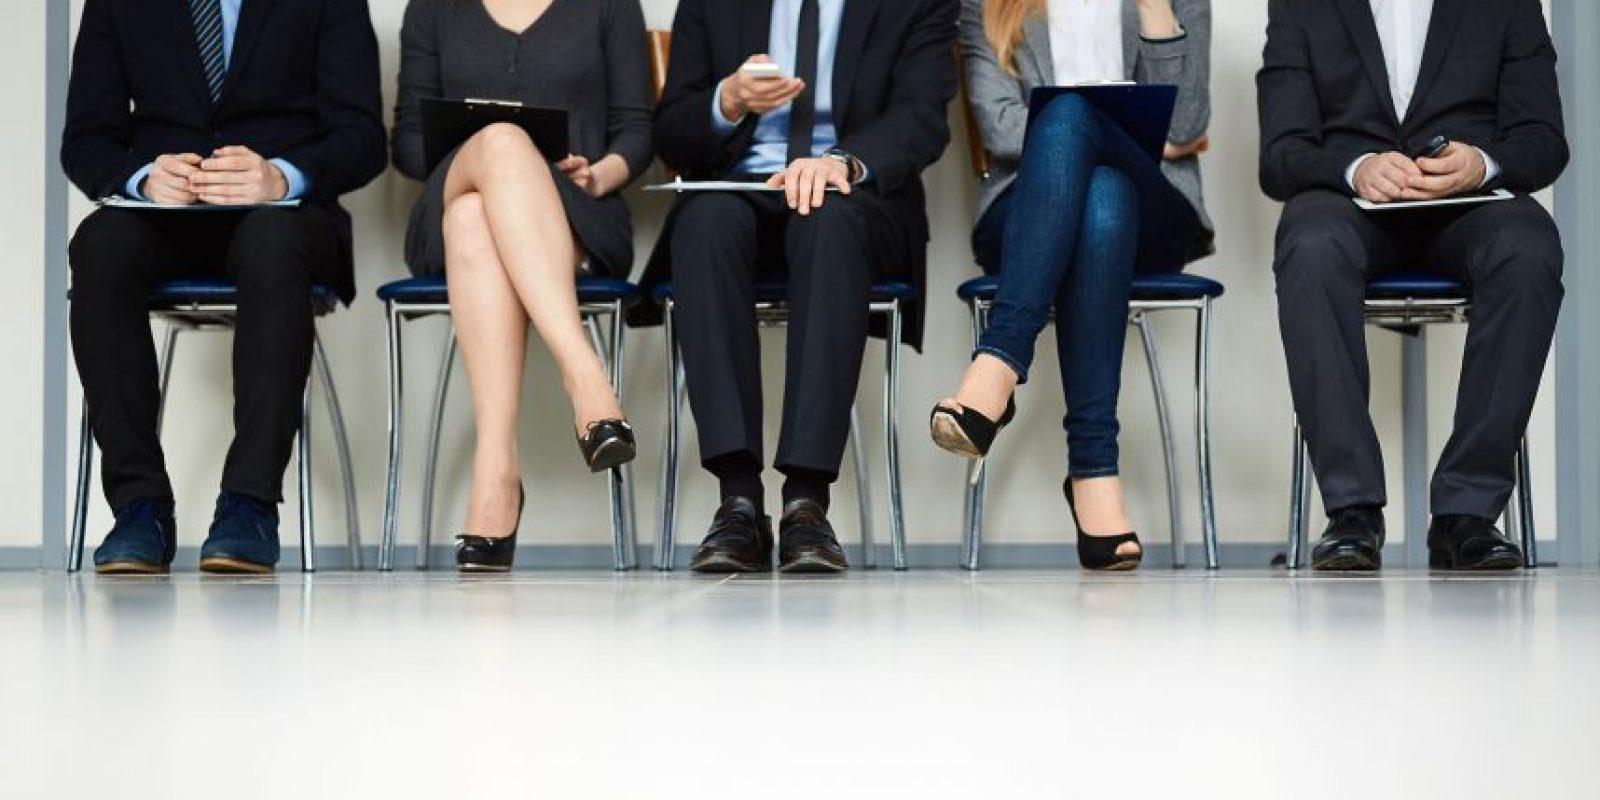 Una de las claves para brillar en una entrevista de trabajo es destacar tus fortalezas y salirte del montón Foto:Fuente Externa